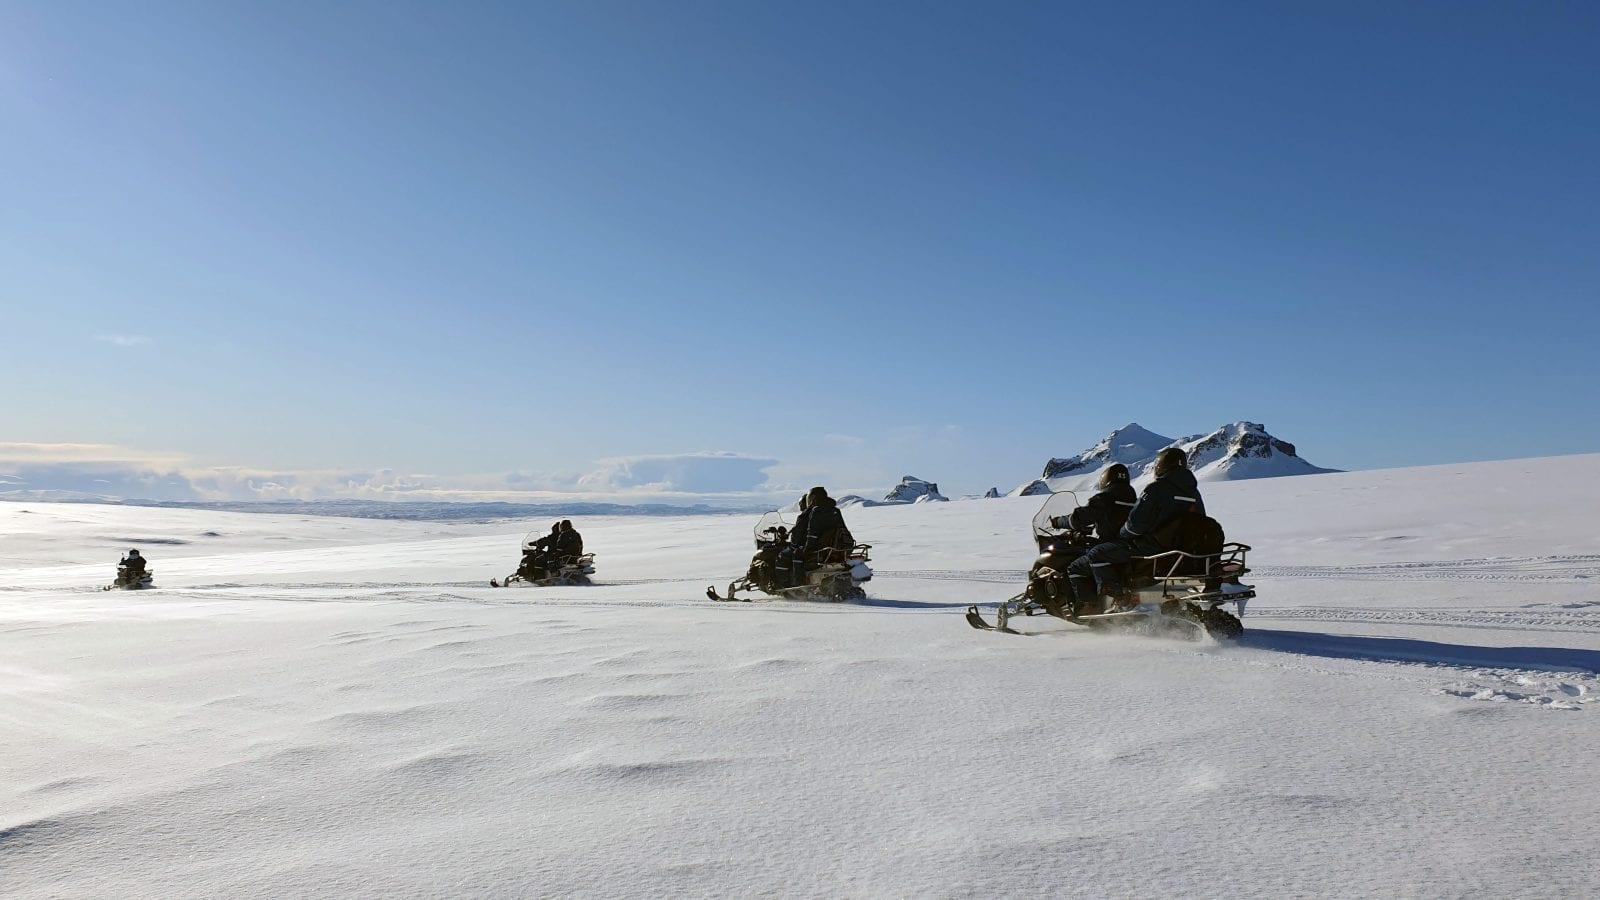 Snjósleðaferð á Langjökli